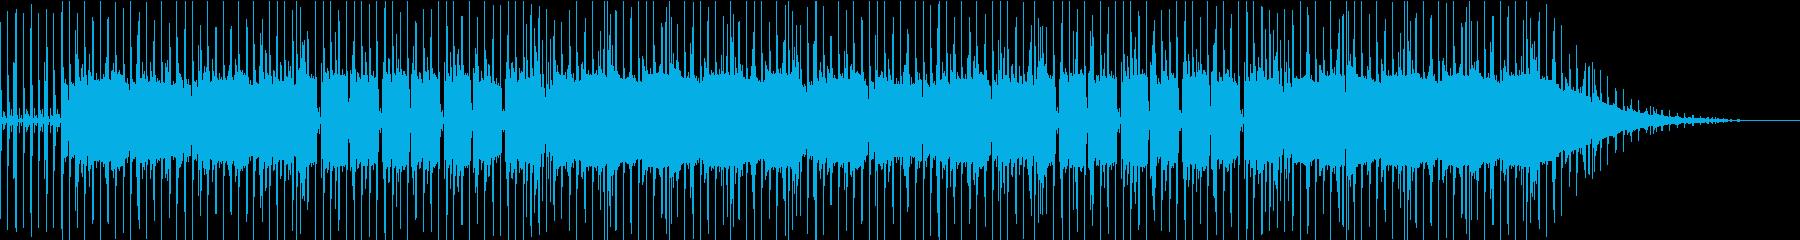 クラシックな80年代のシンセポップ...の再生済みの波形